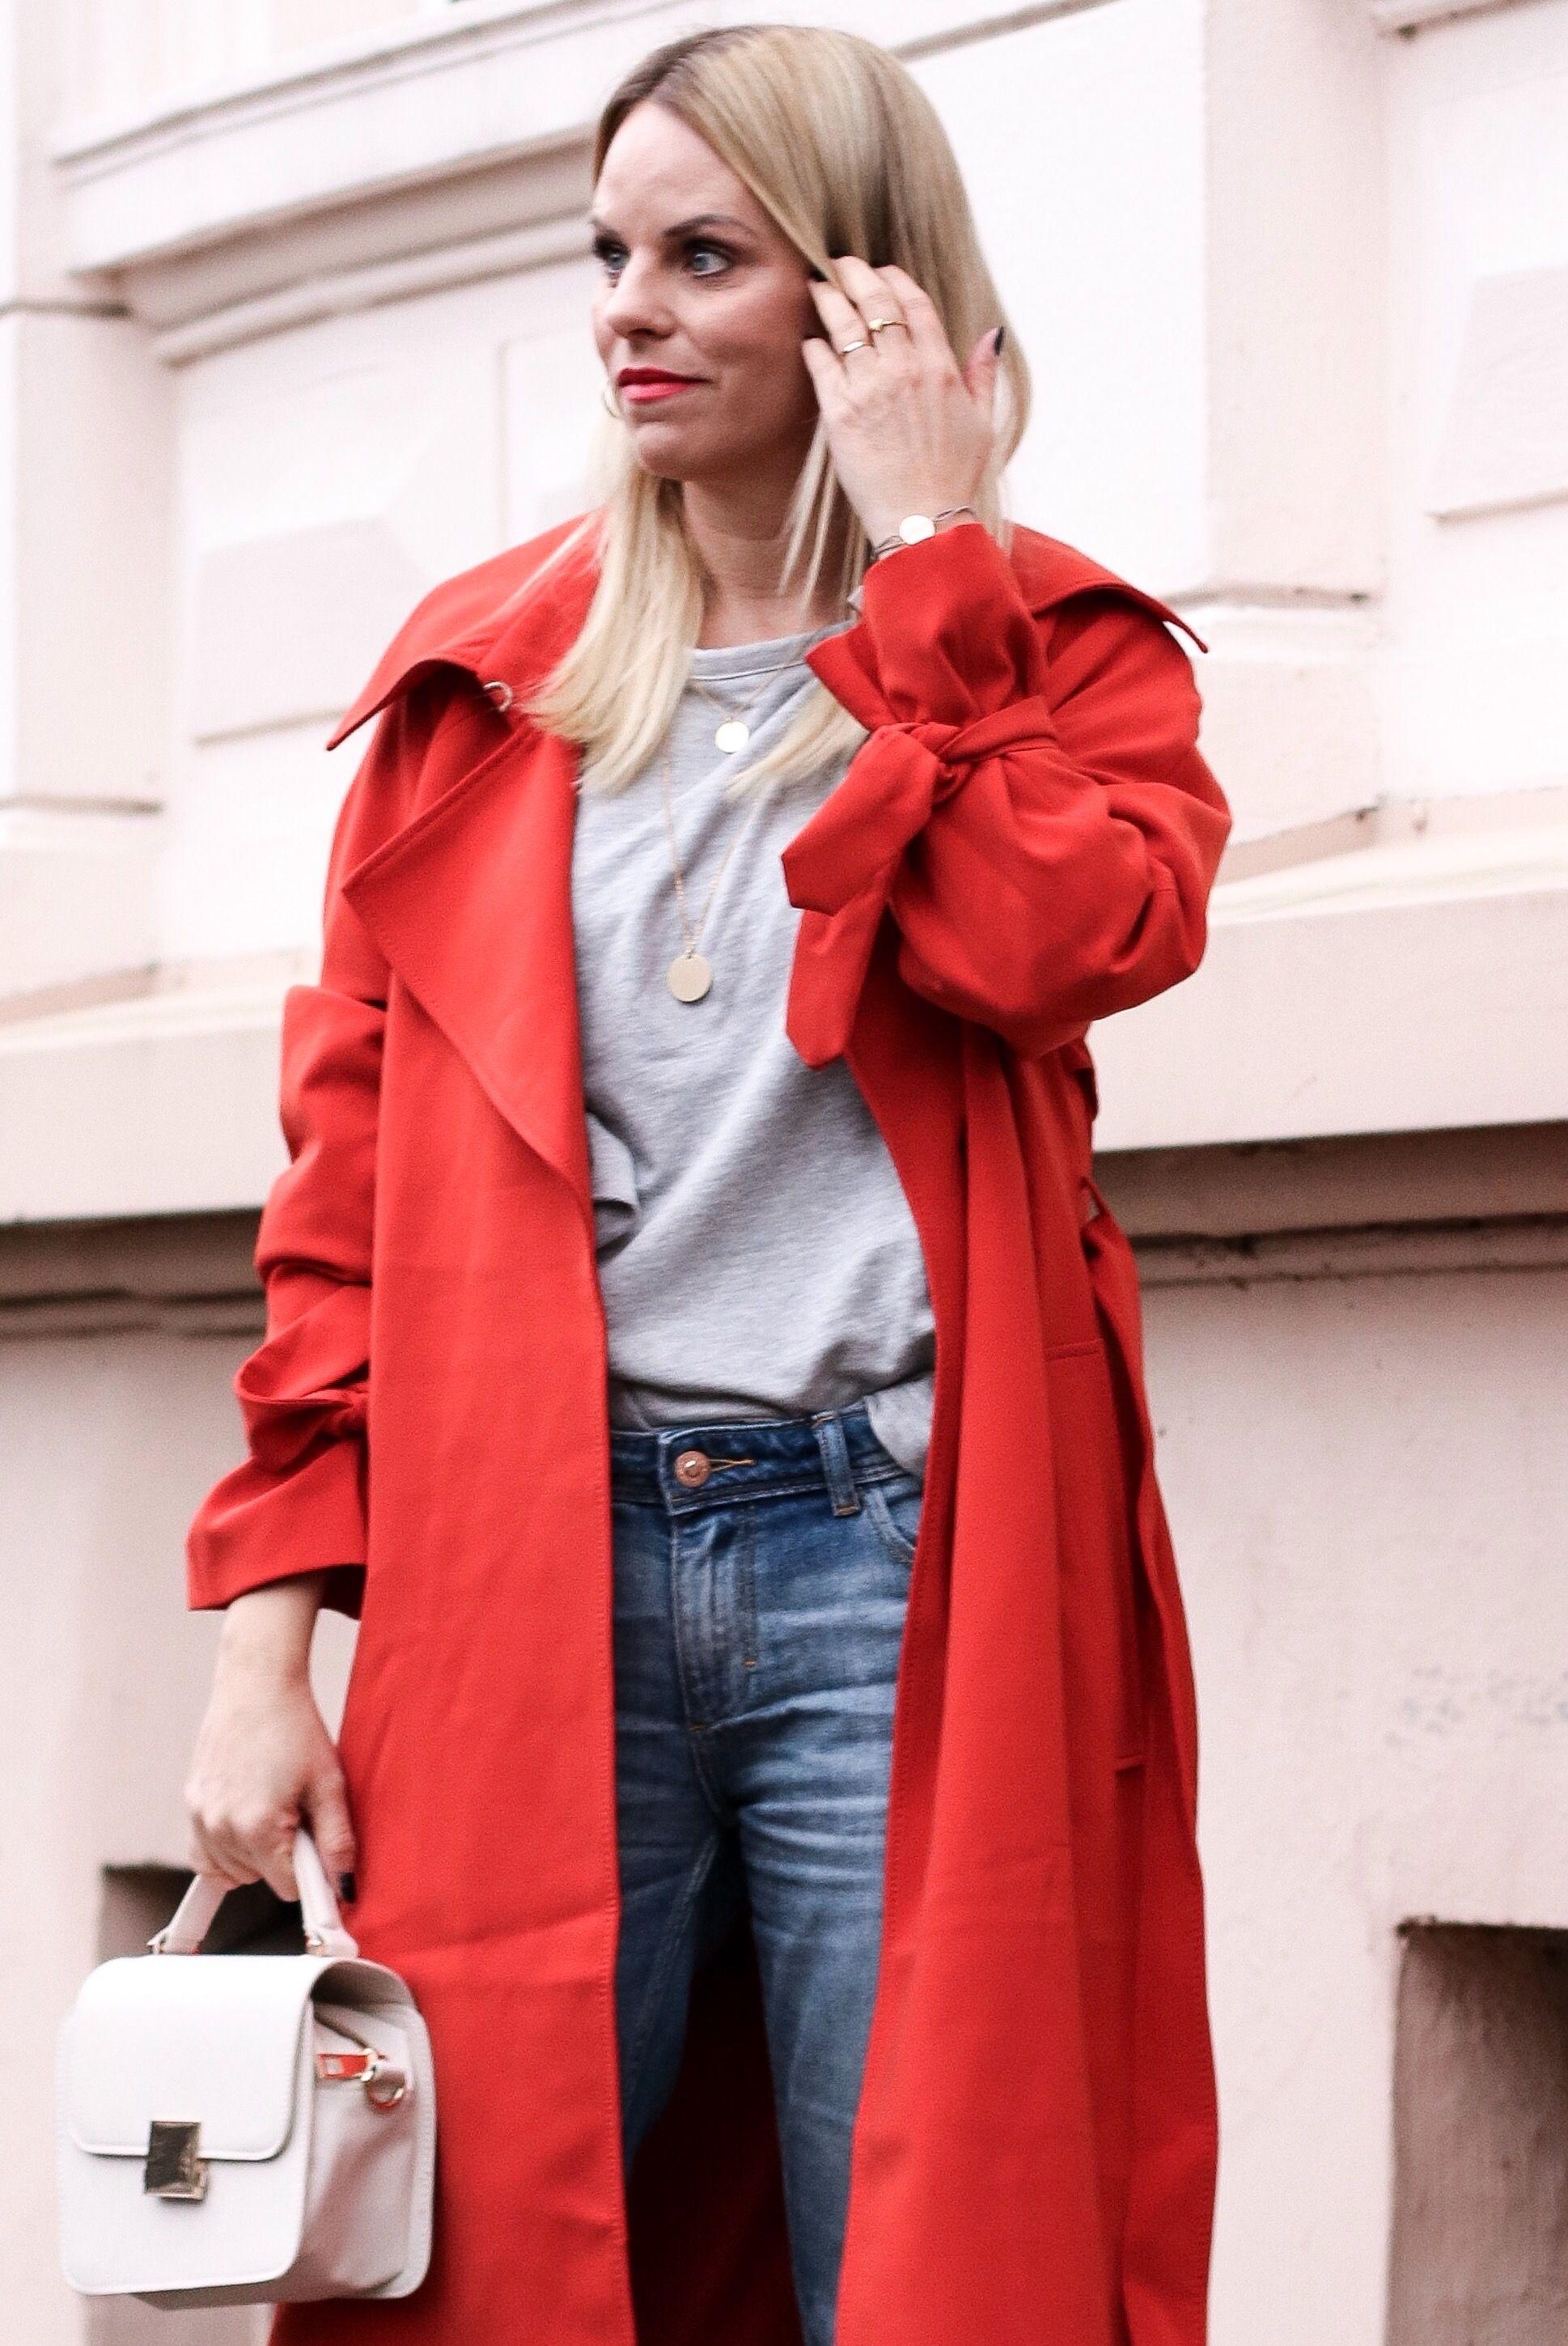 neueste trends von 2019 Wählen Sie für authentisch Werksverkauf In Love❤️❤️Mein neuer roter Trenchcoat mit ZARA Jeans ...